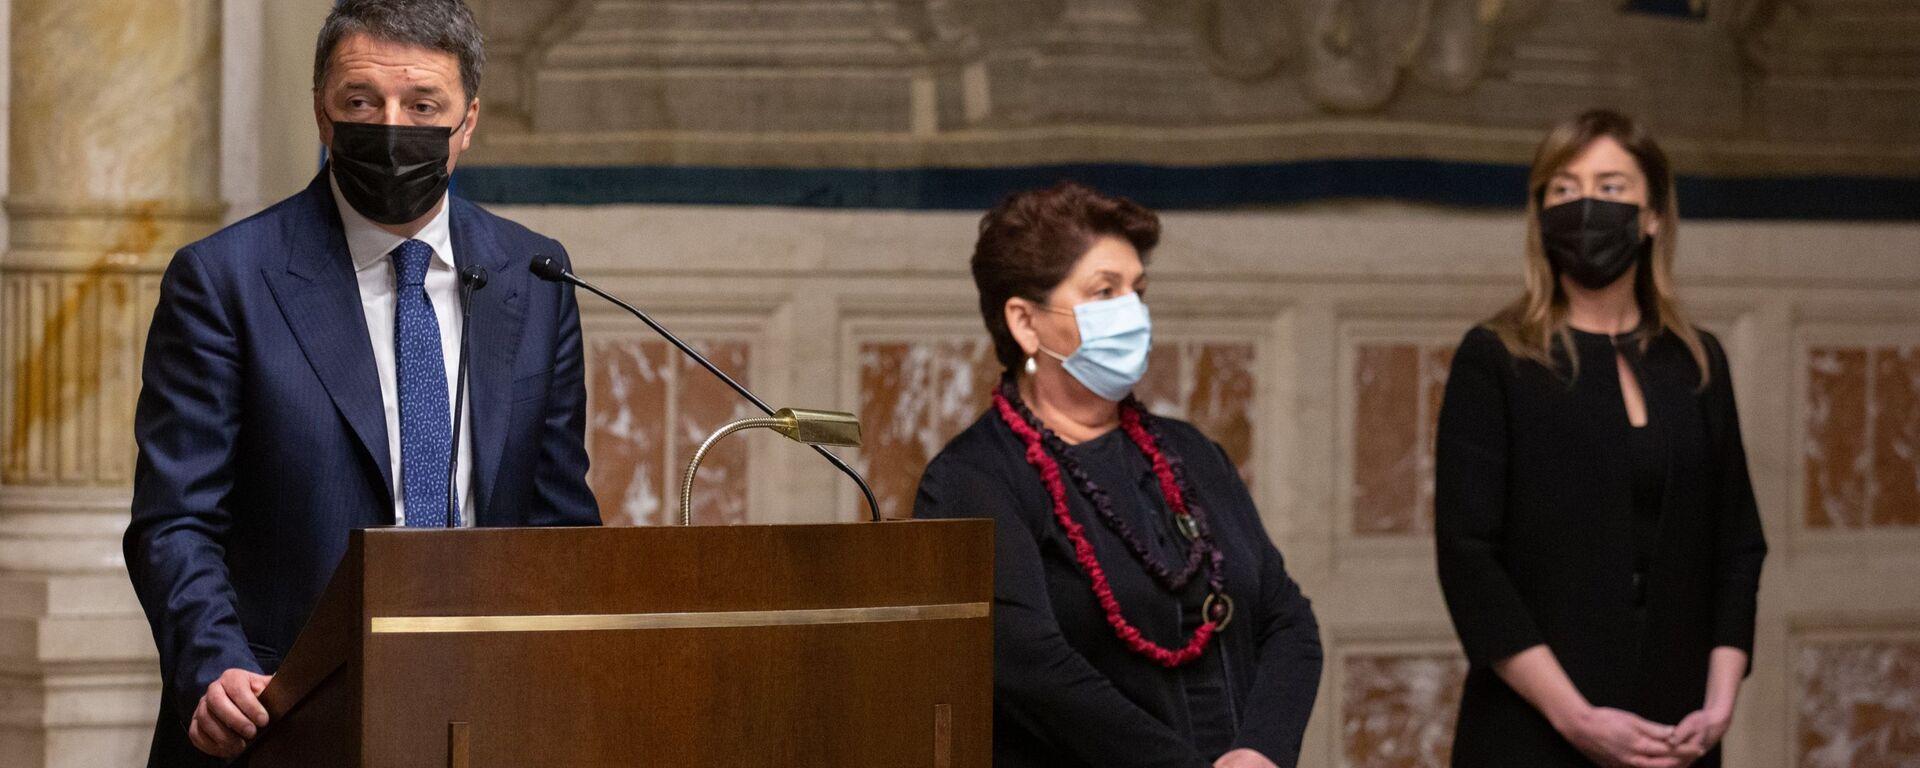 Matteo Renzi al termine delle consultazioni con Roberto Fico - Sputnik Italia, 1920, 07.02.2021